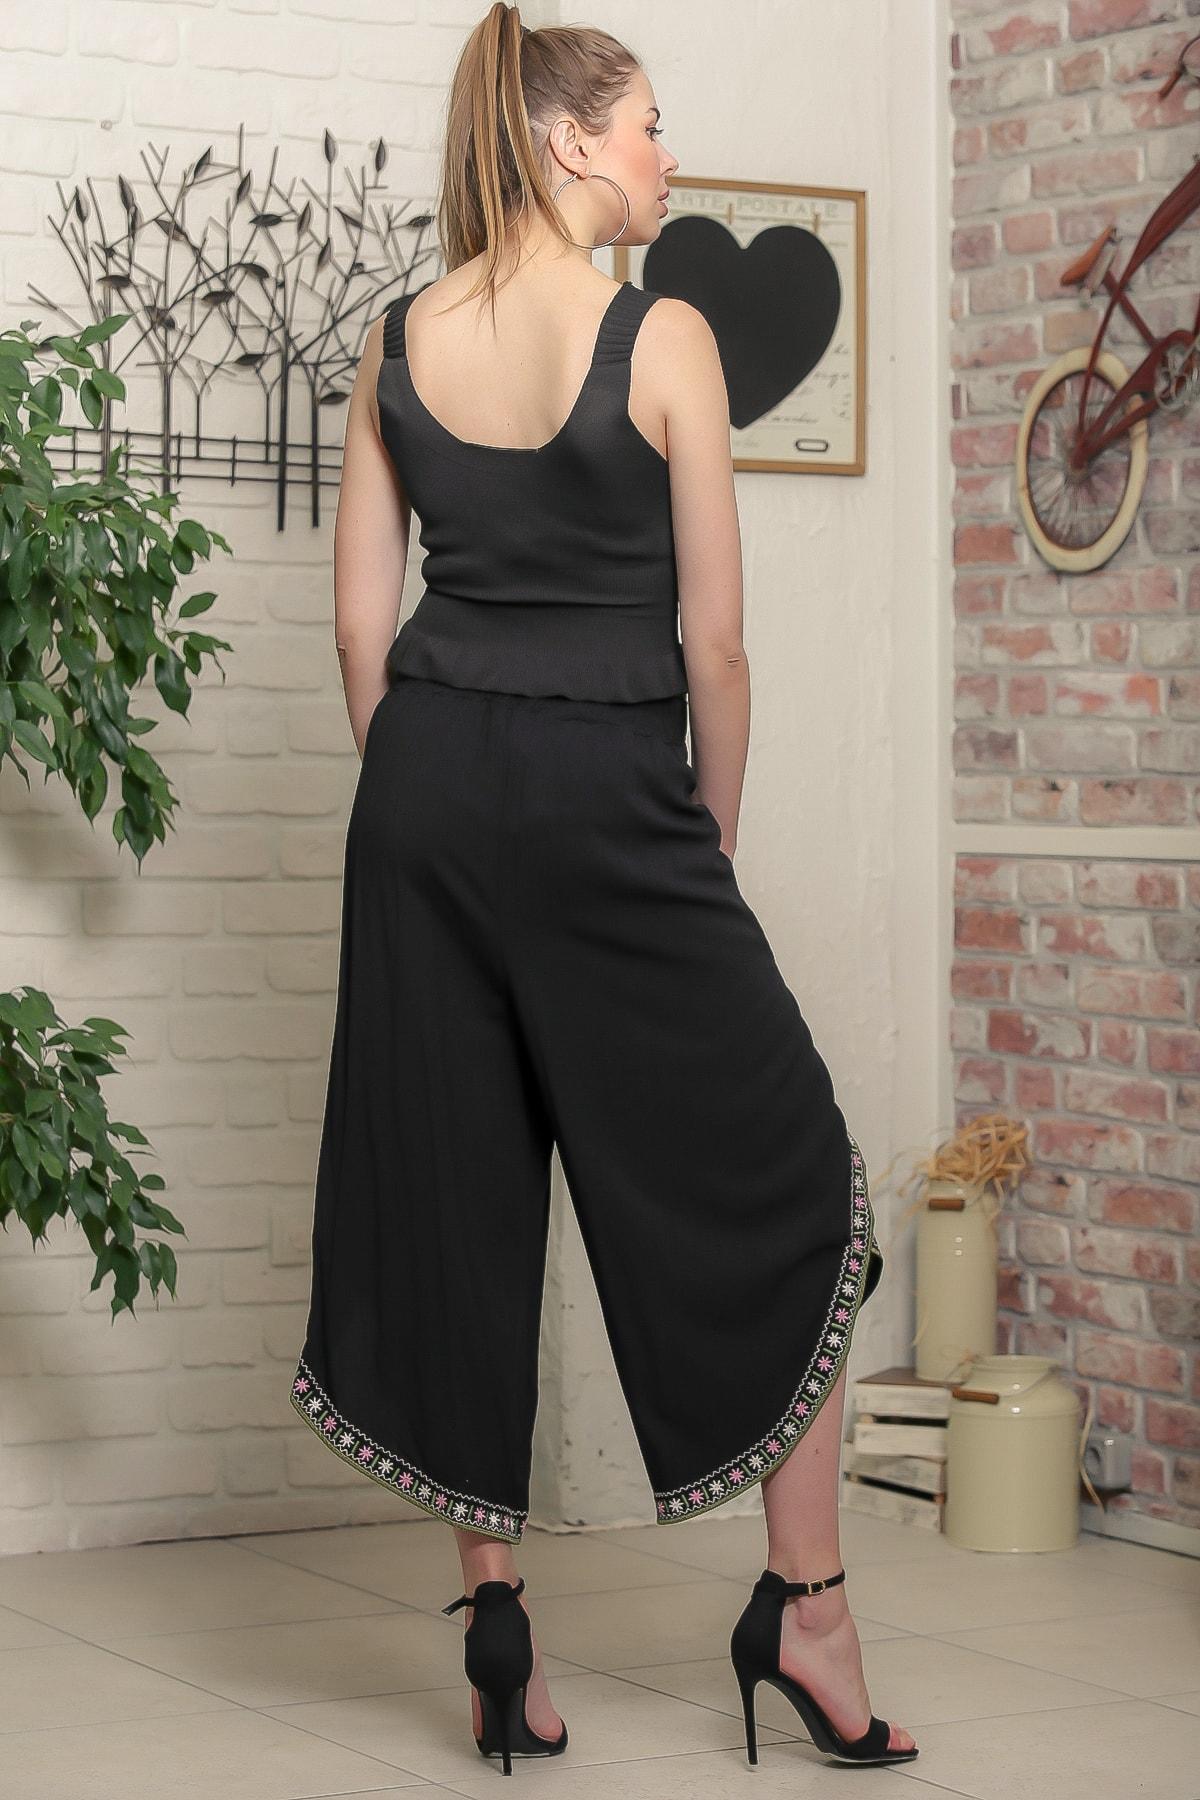 Chiccy Kadın Siyah Çiçek Nakışlı Bağlama İp Detaylı Zarf Pantolon M10060000PN98939 4